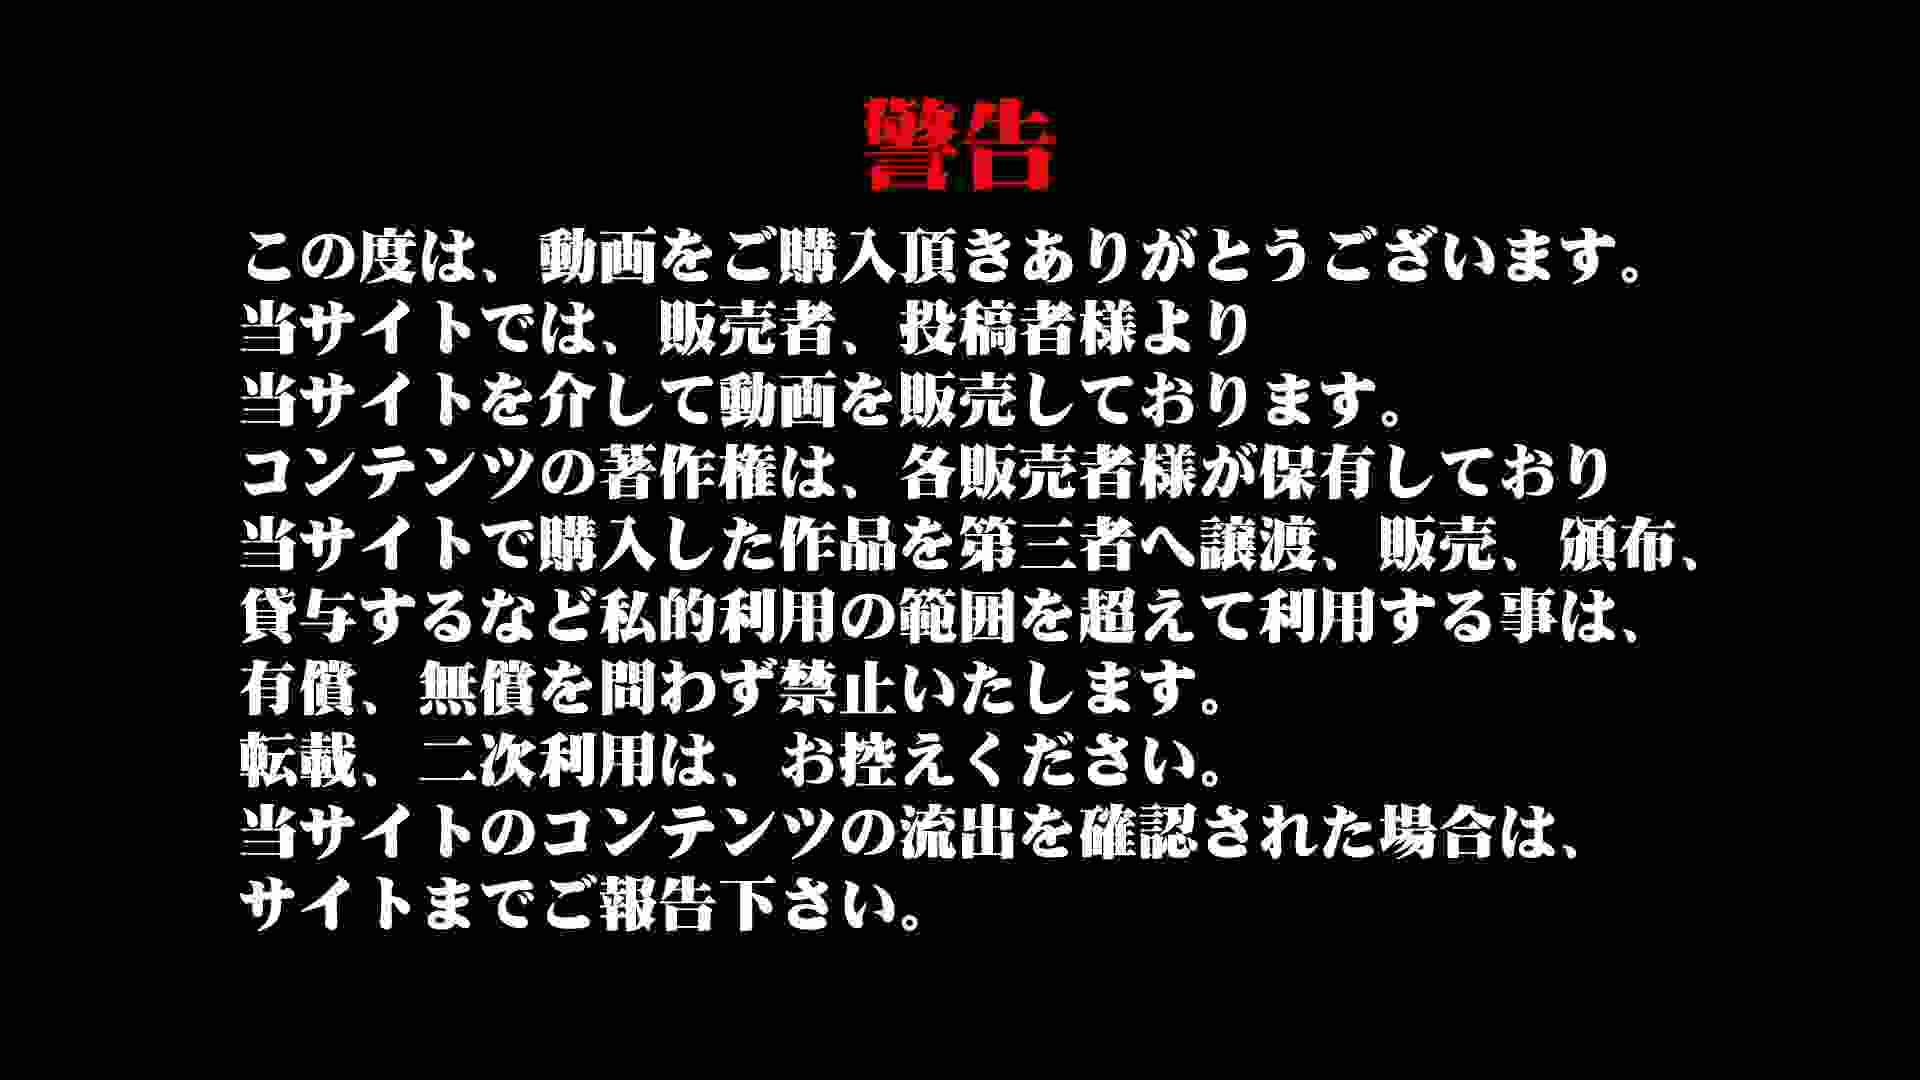 レースクィーントイレ盗撮!Vol.11 オマンコ特別編 | マンコ特別編  73枚 1